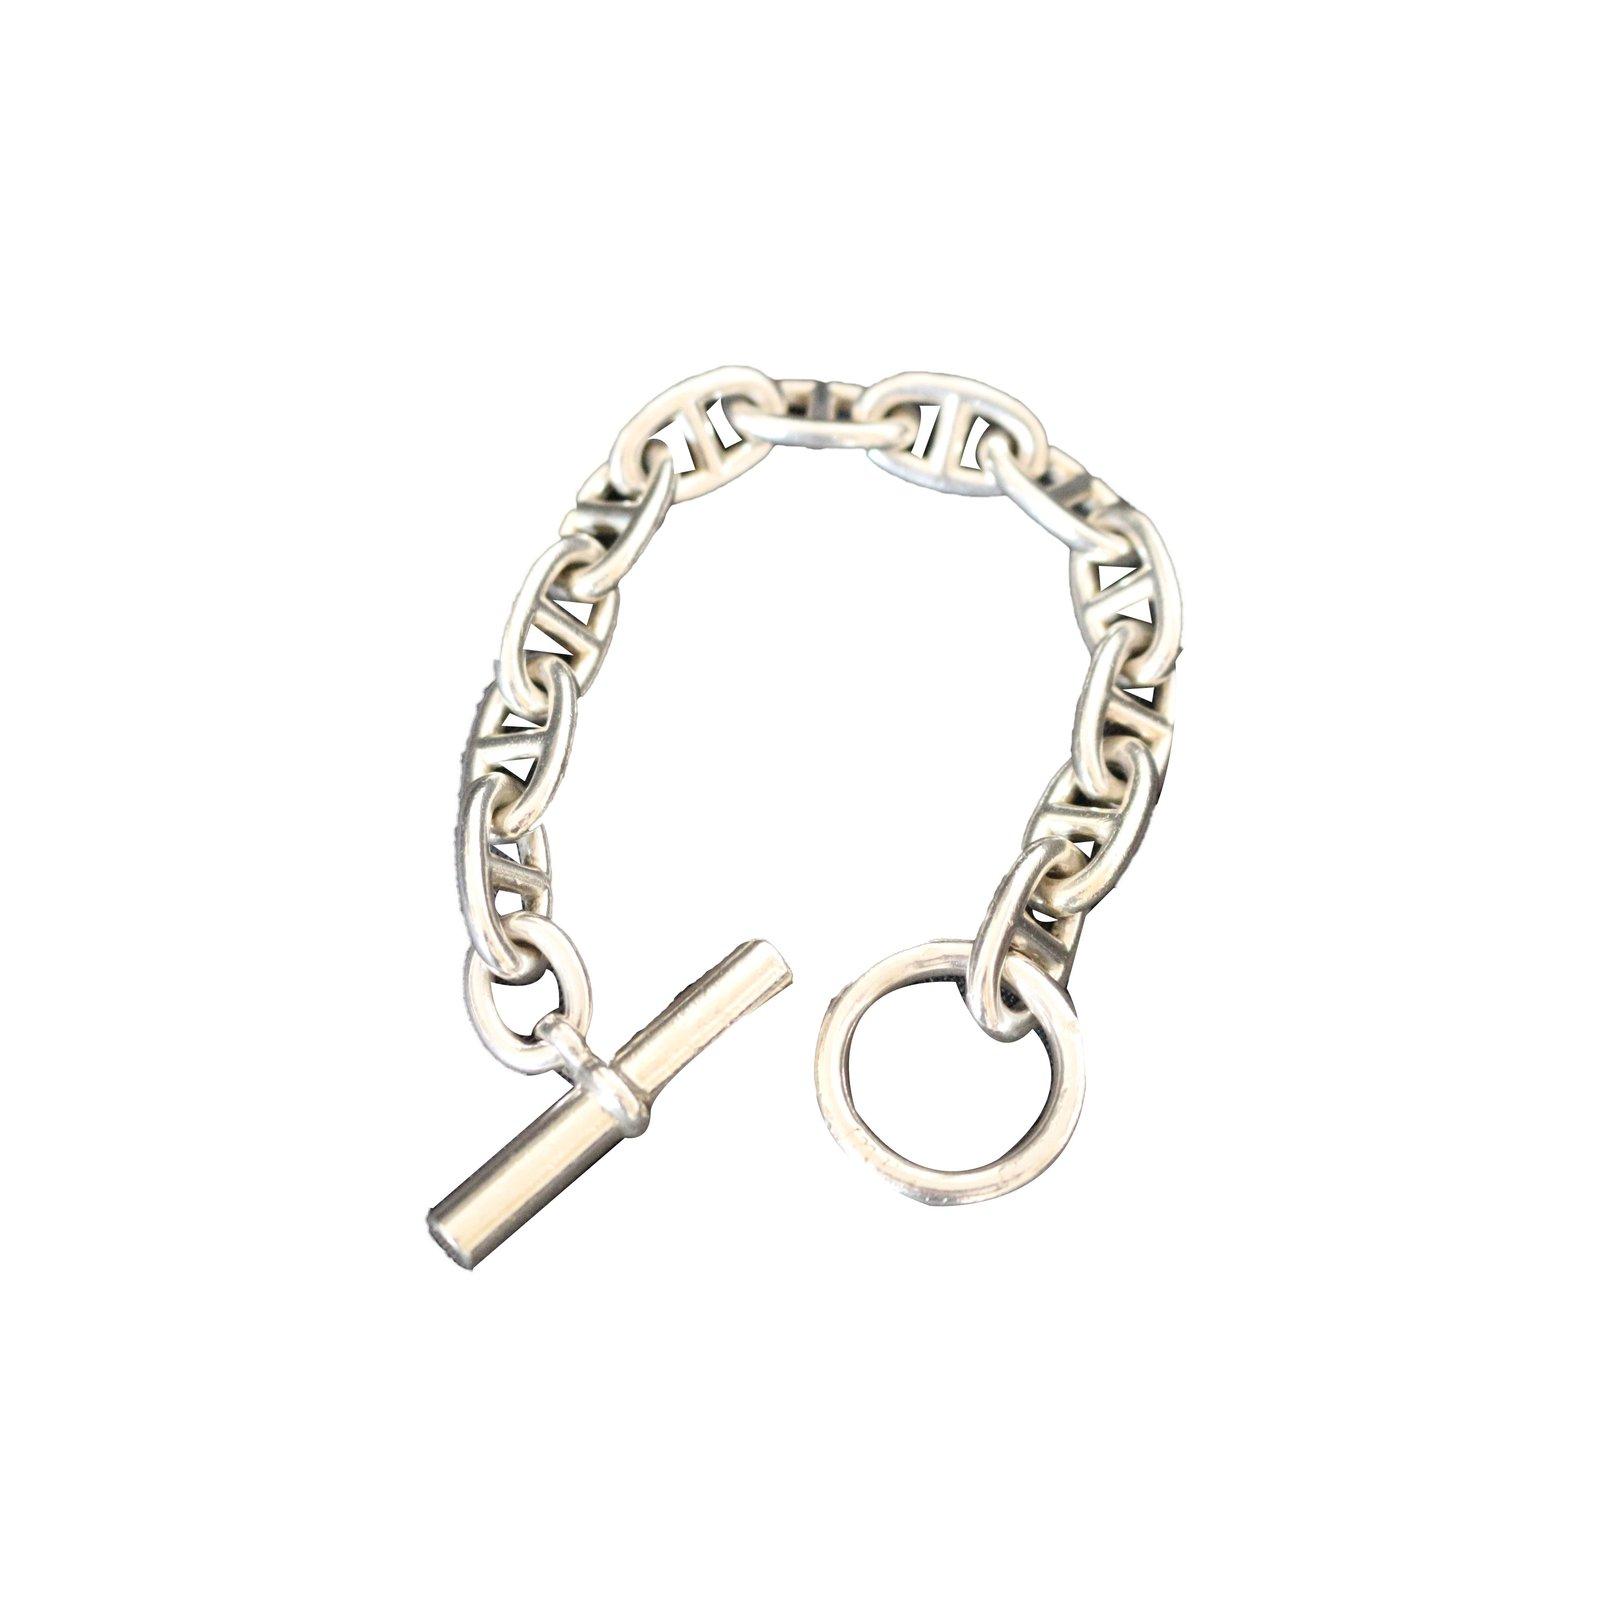 fe8b4770076 Bracelets Hermès Chaîne d ancre Argent Argenté ref.74663 - Joli Closet